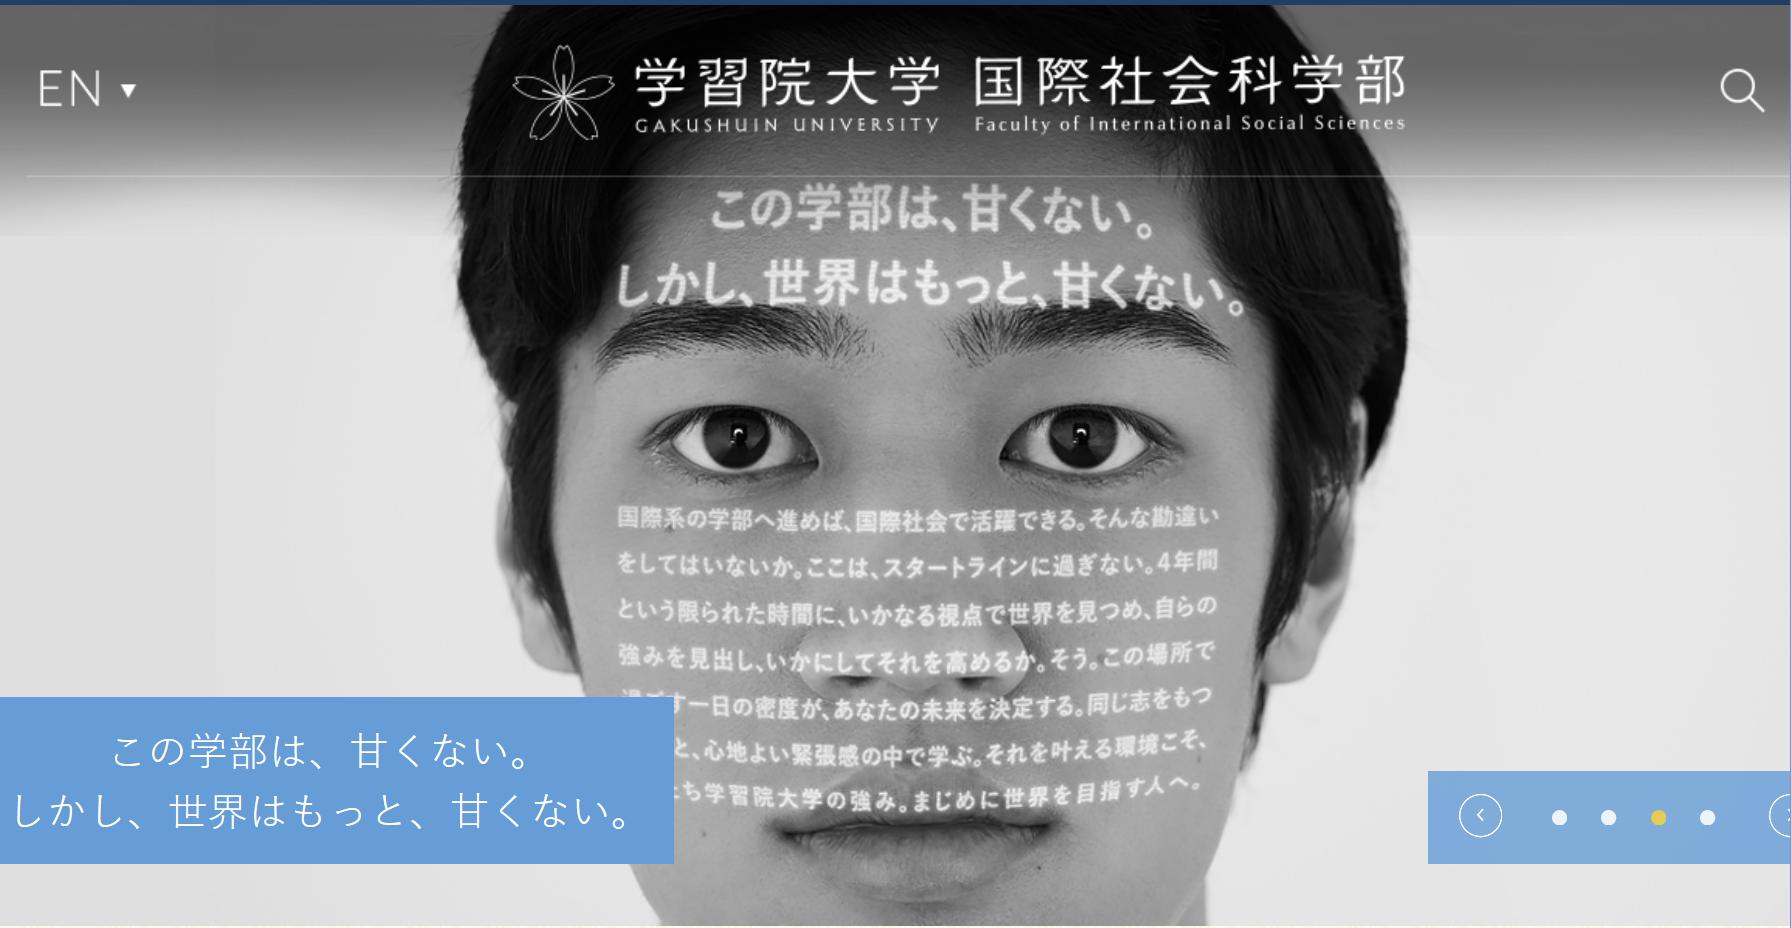 学習院大学の評判・口コミ【国際社会科学部編】